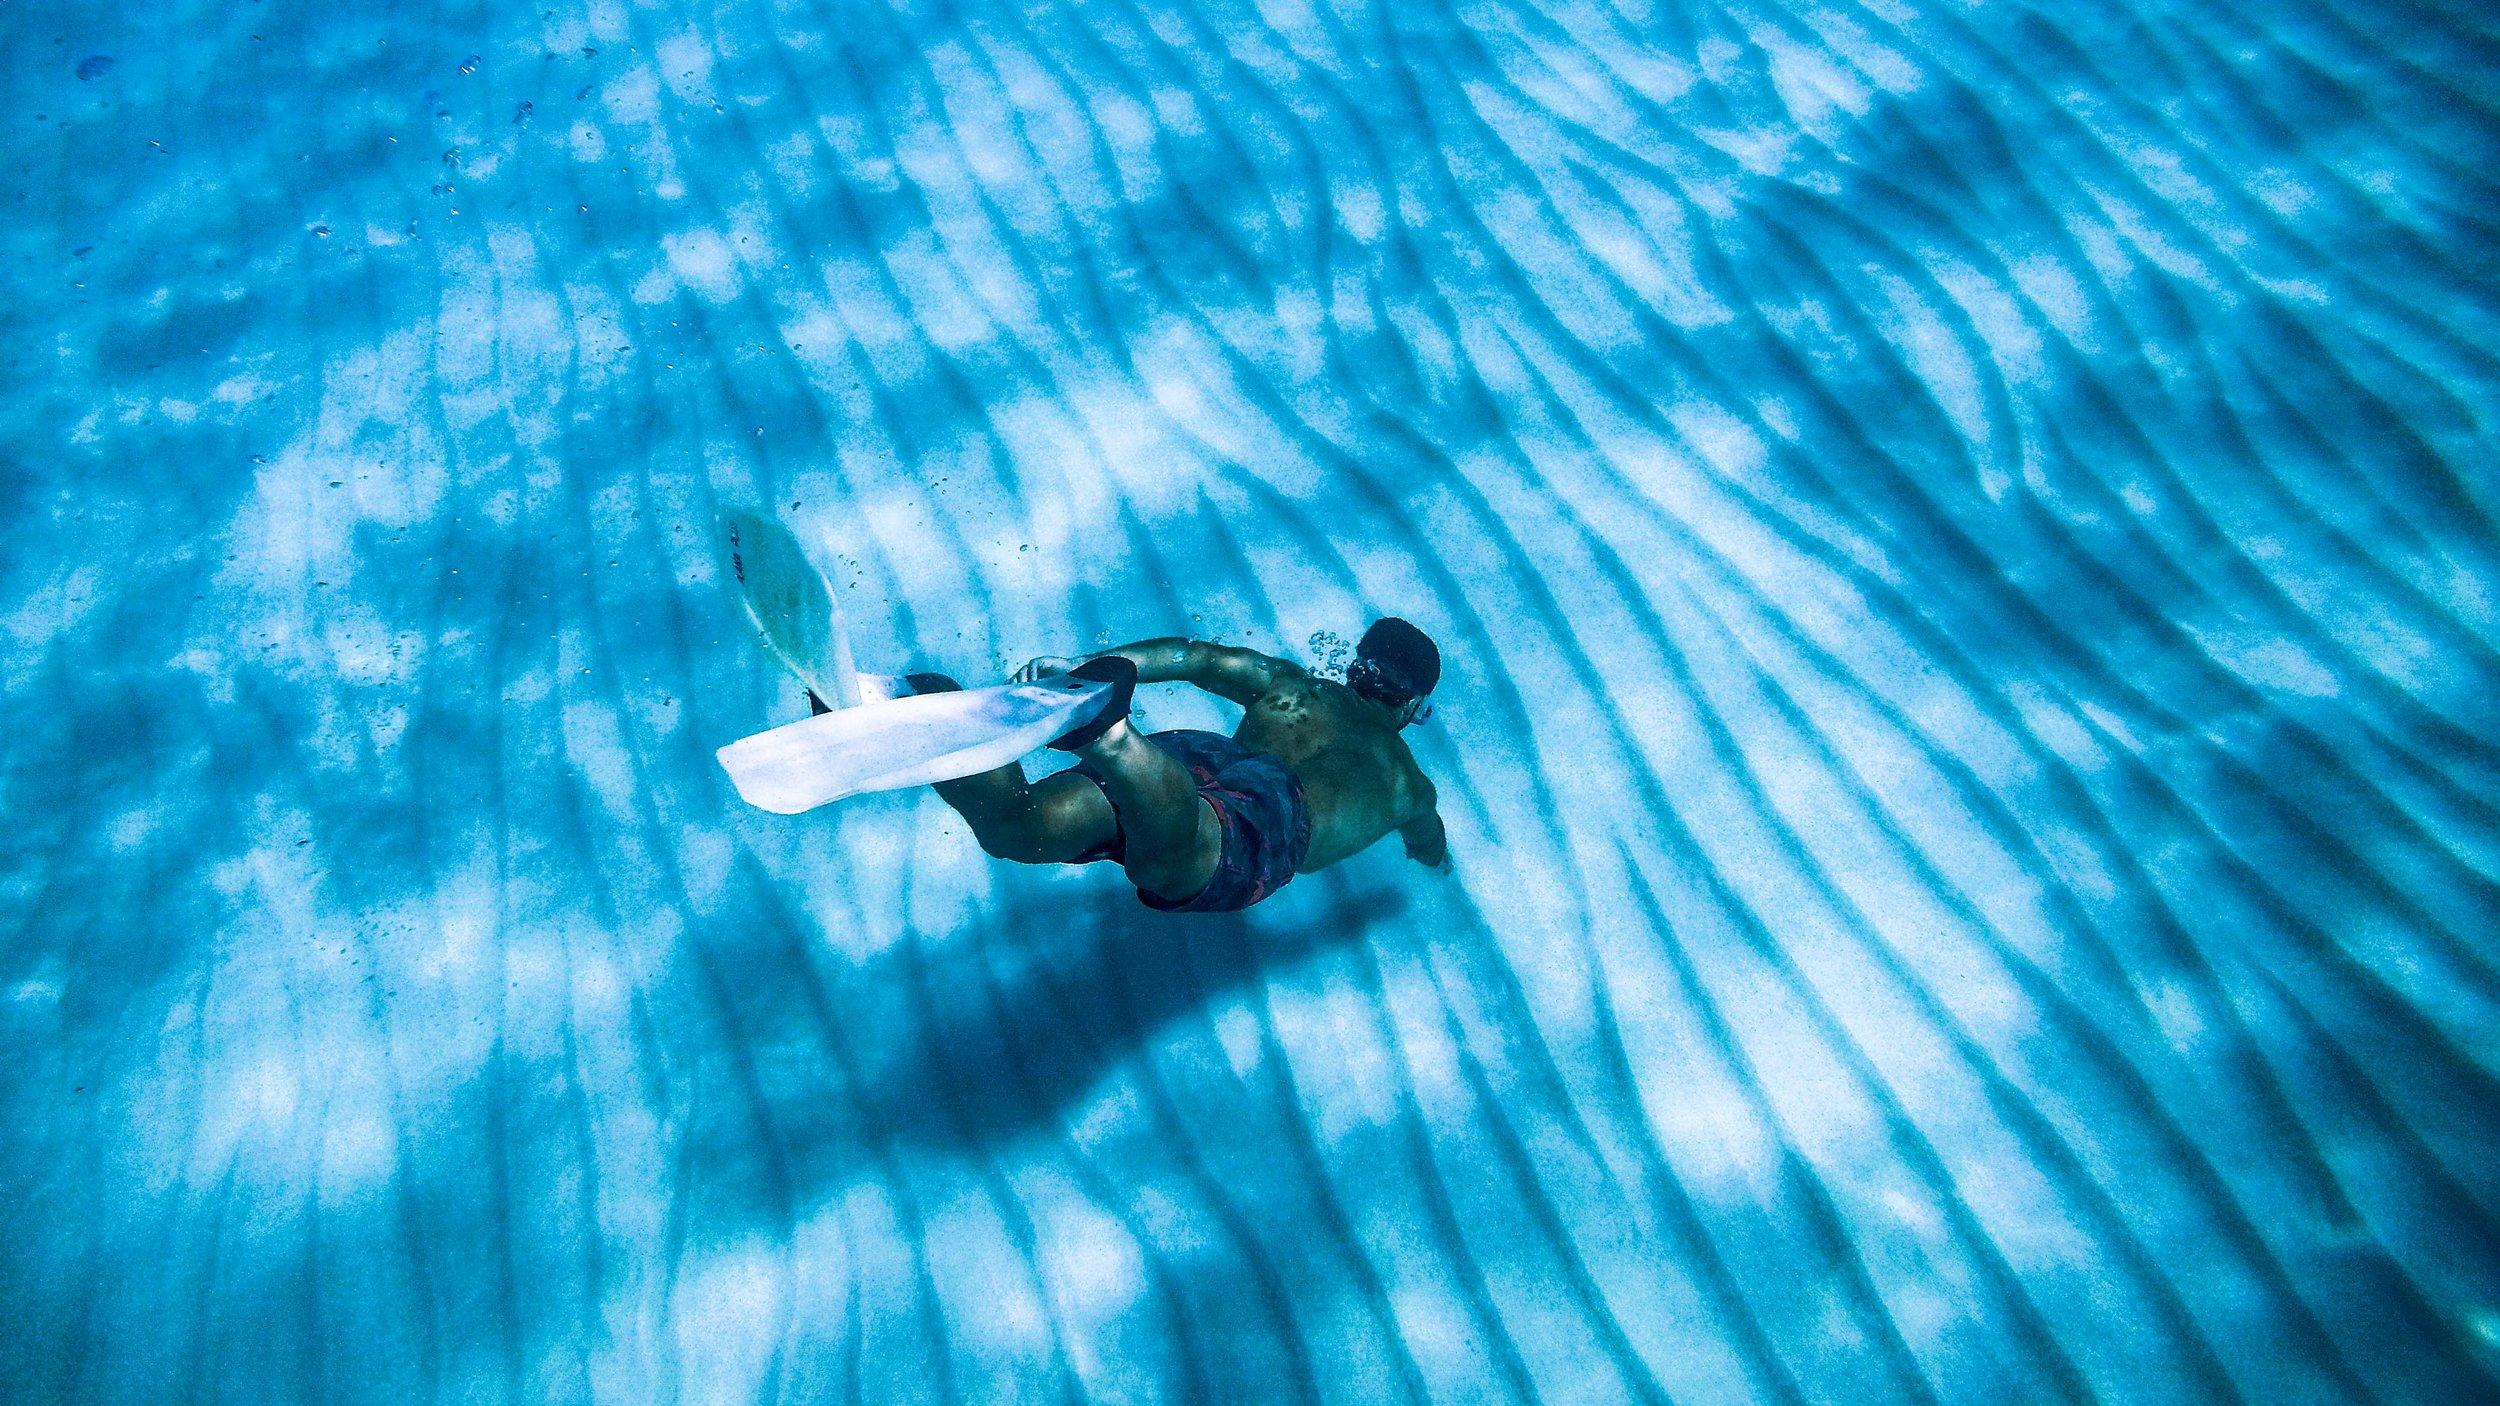 pol_tarres_adventures_formentera_horitzontals-11.jpg